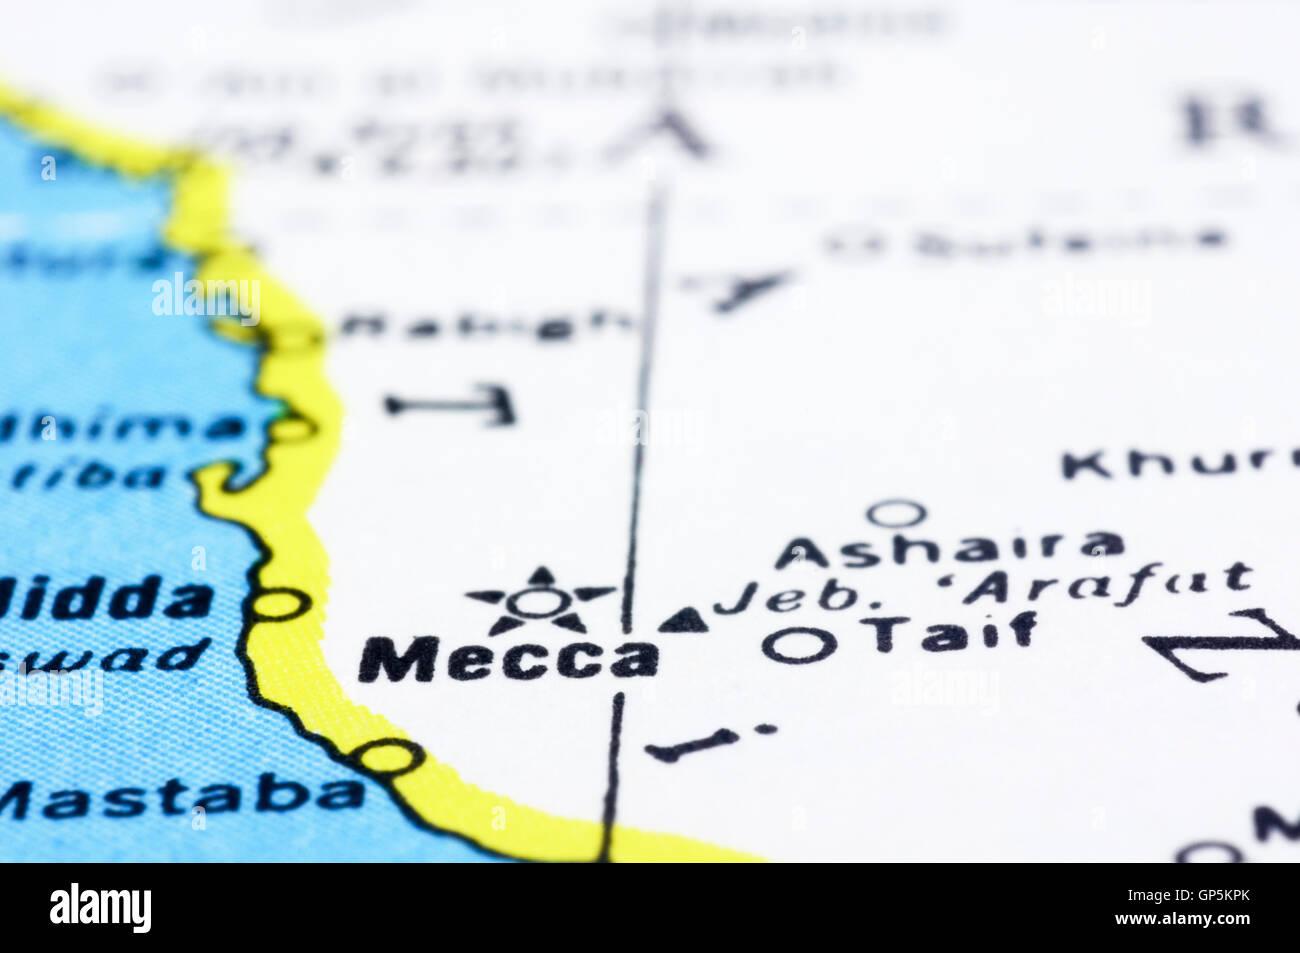 Saudi-Arabien Г¤gypten